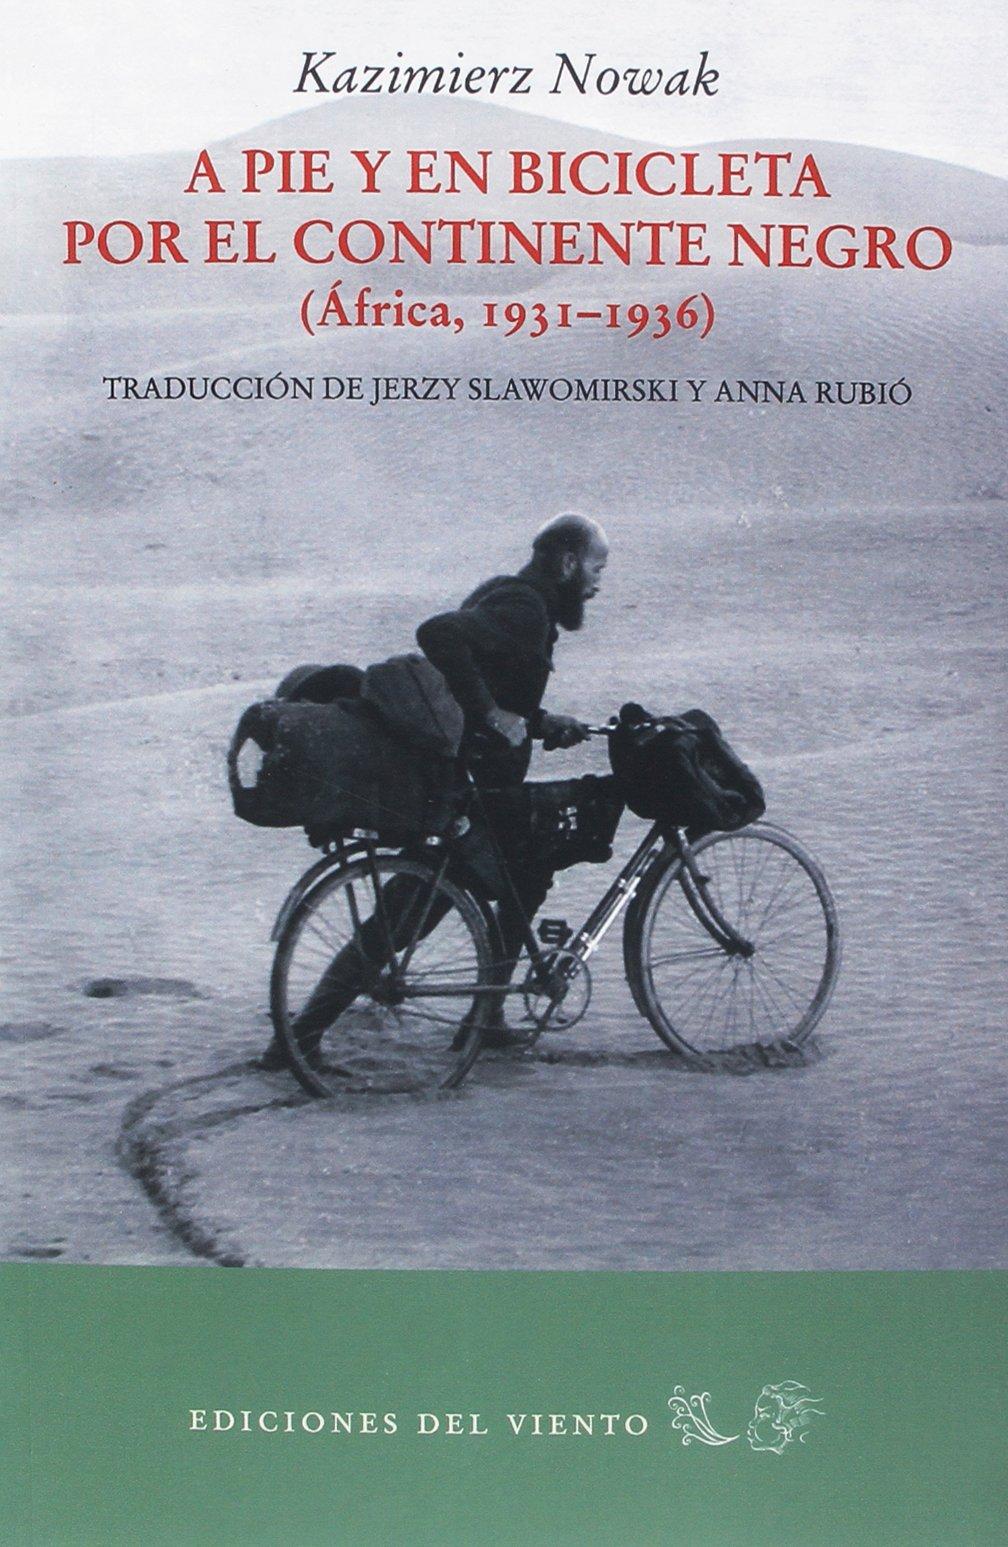 A pie y en bicicleta por el continente negro: ÁFRICA 1931-1936 ...